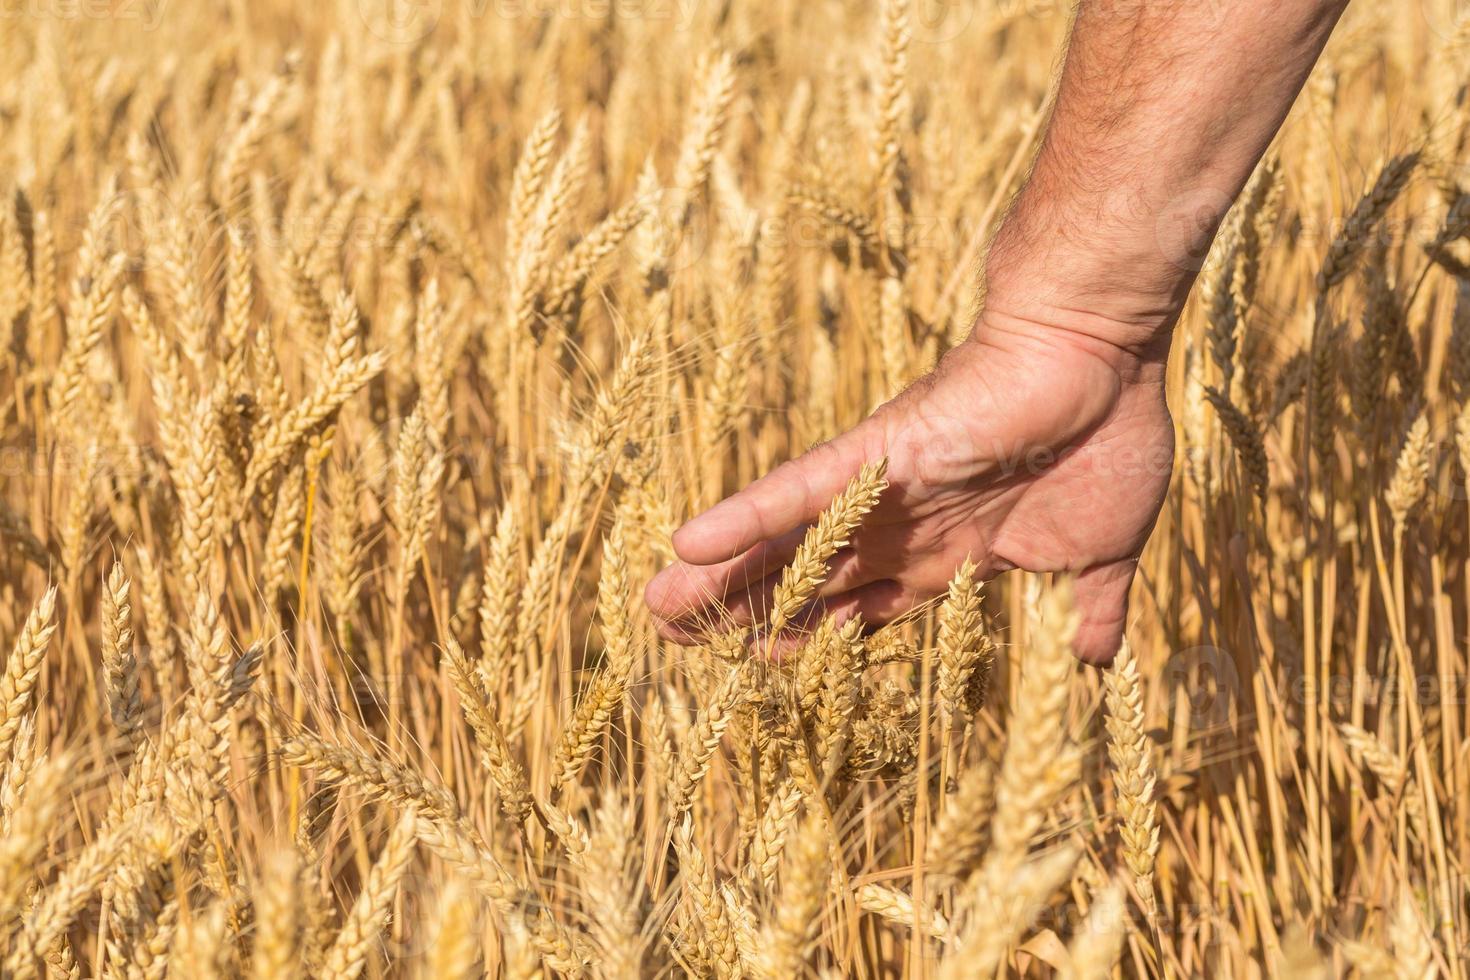 espigas de trigo dorado maduro en su mano foto